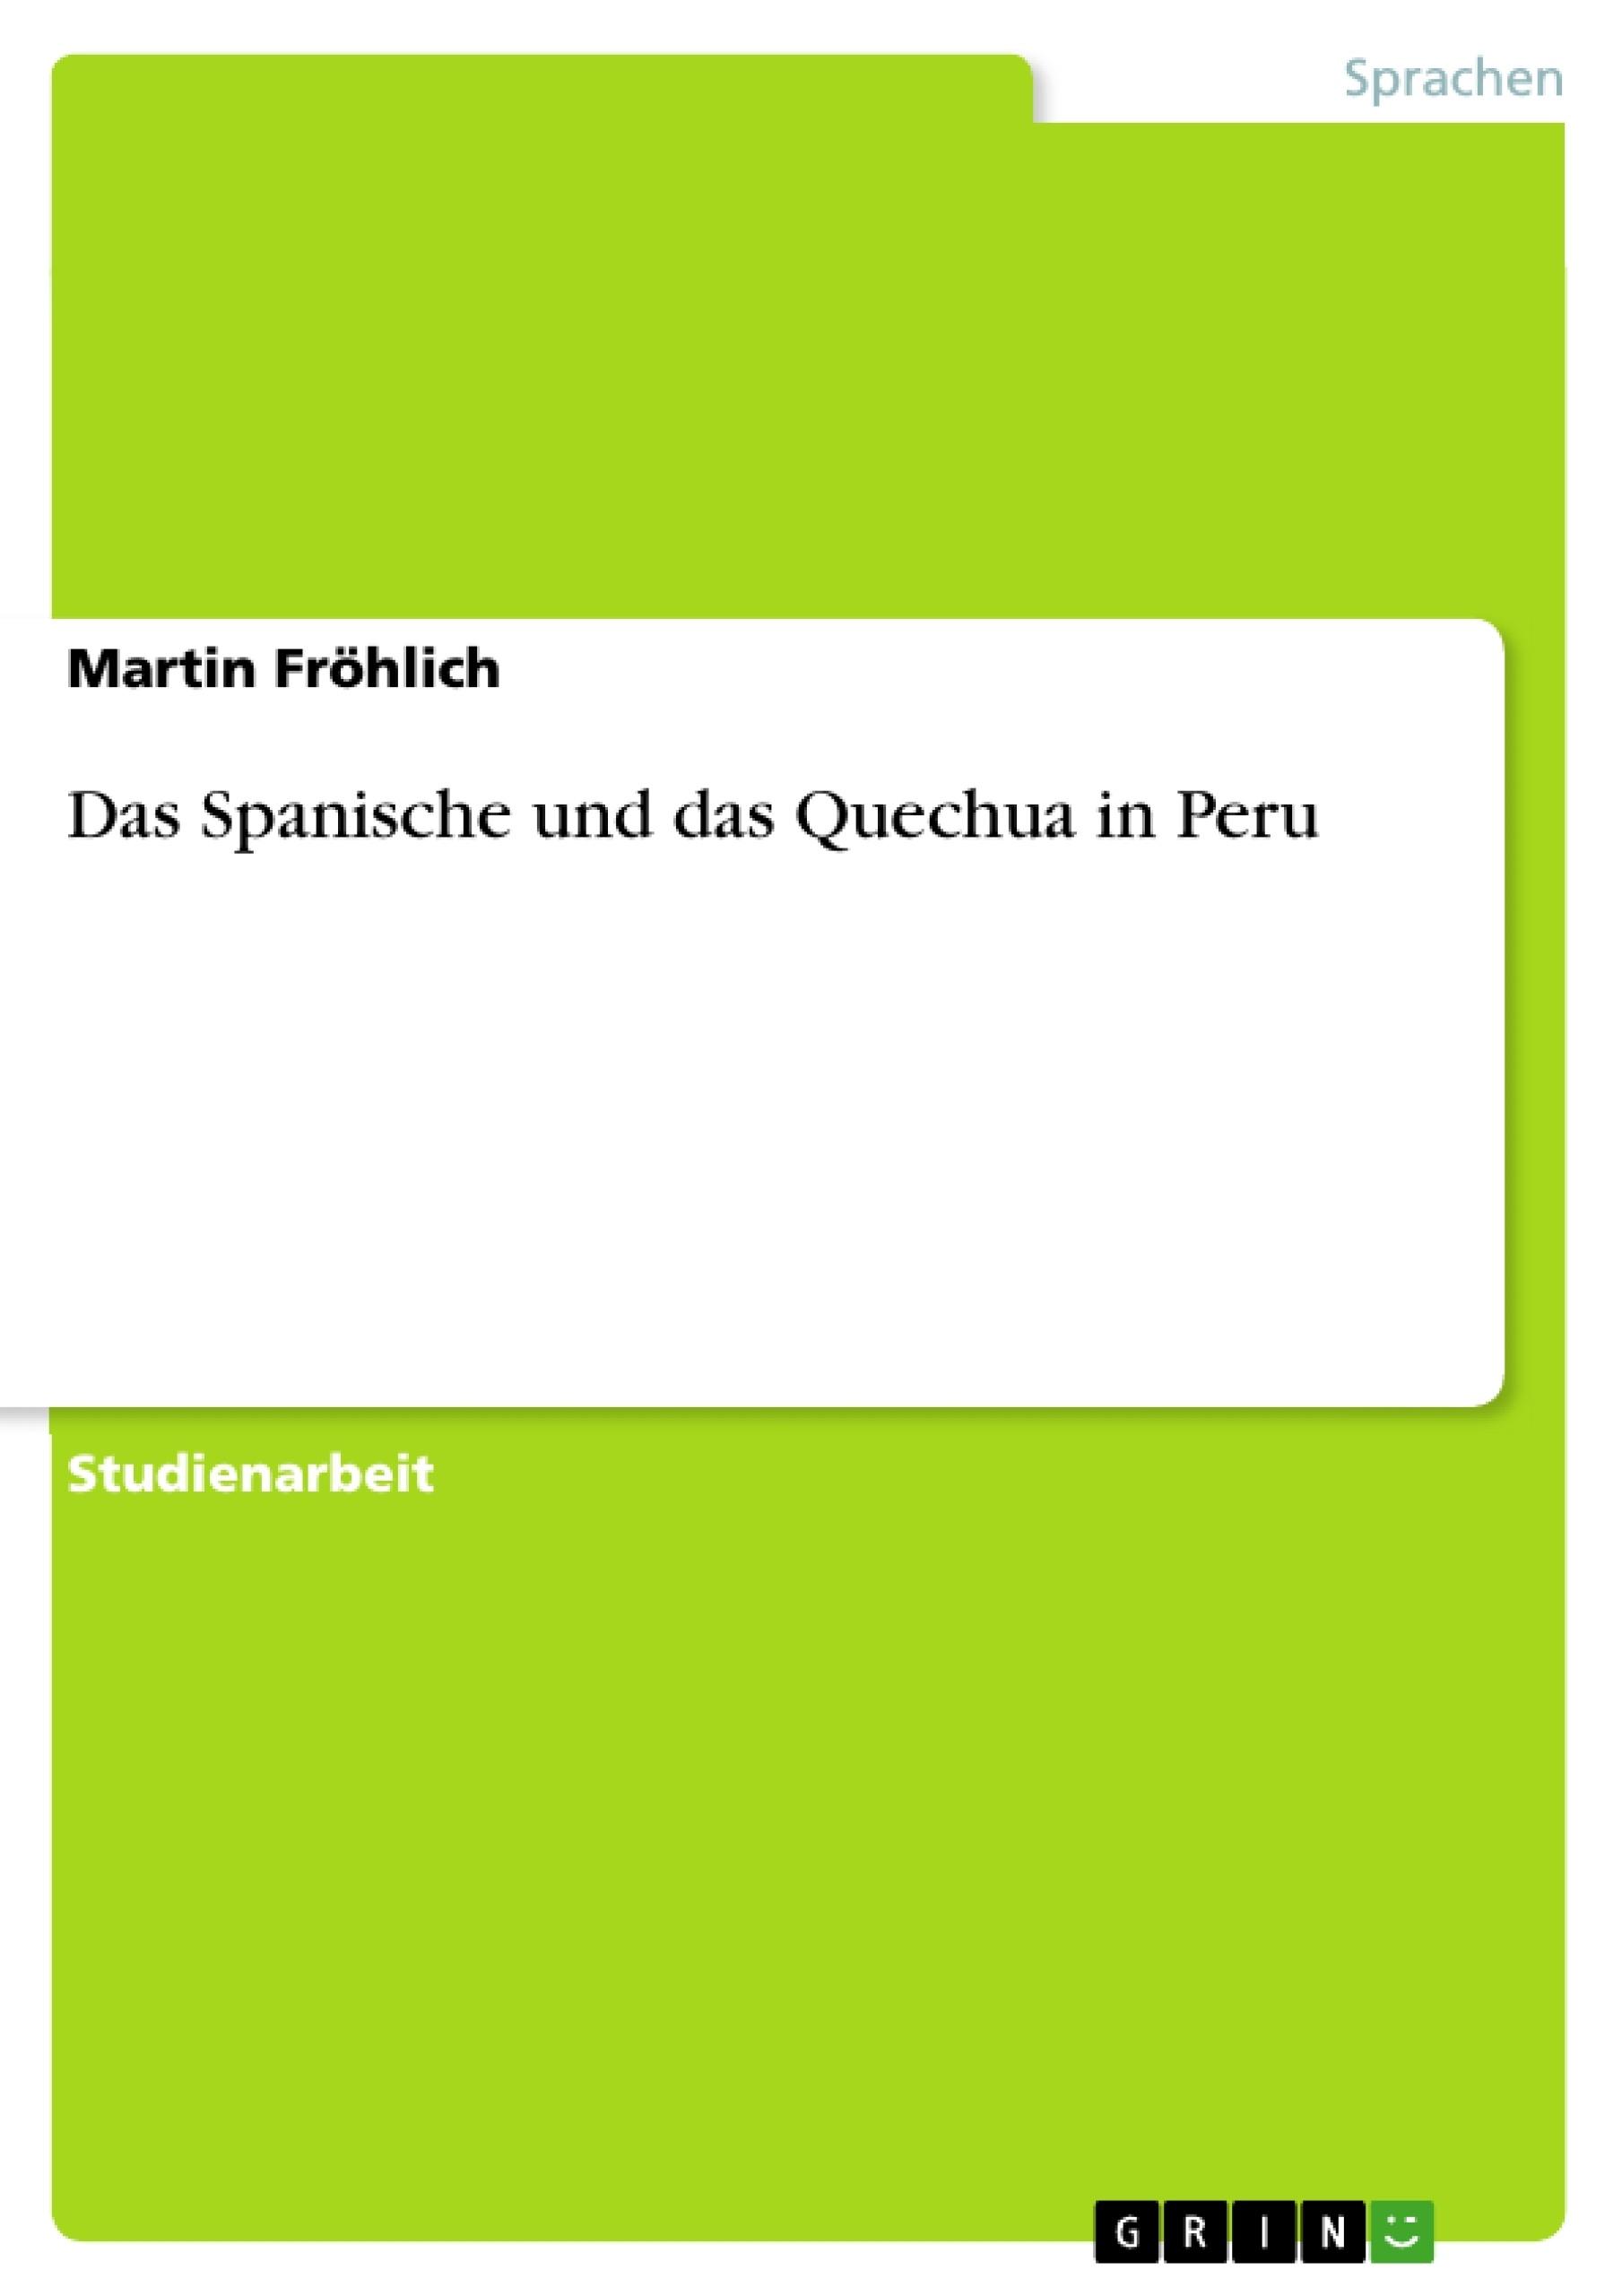 Titel: Das Spanische und das Quechua in Peru